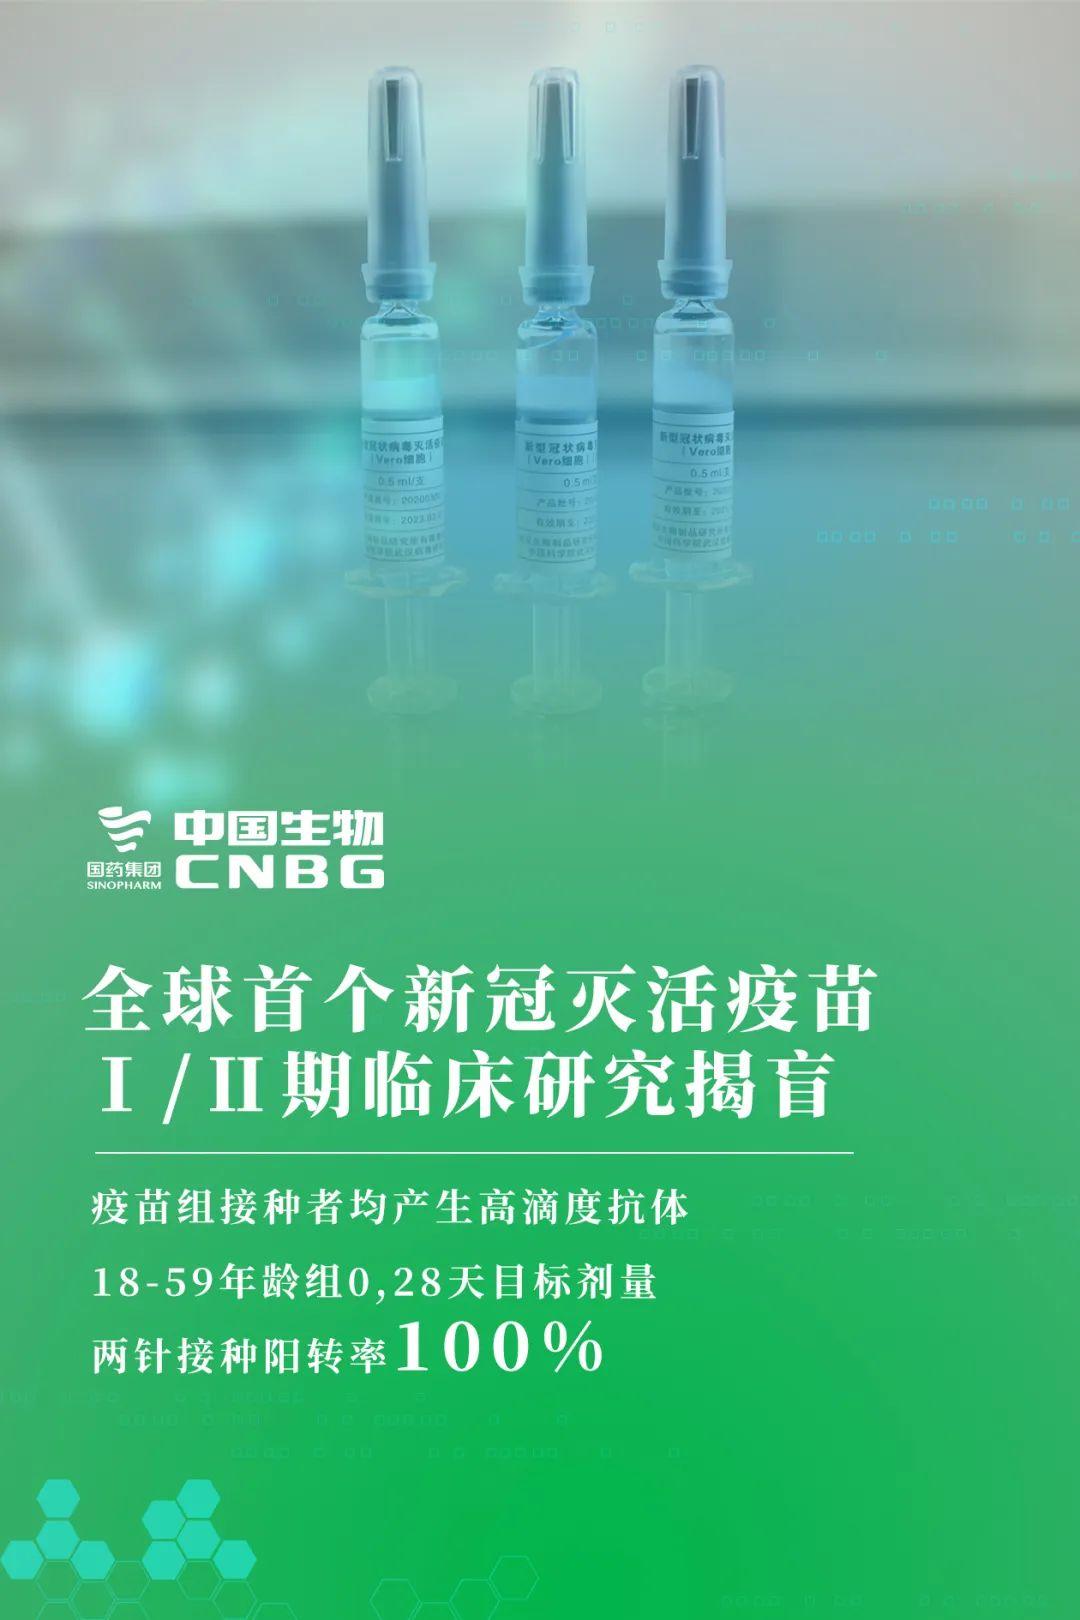 【百度济南】_中国生物新冠灭活疫苗Ⅰ/Ⅱ期临床研究揭盲 无一例严重不良反应